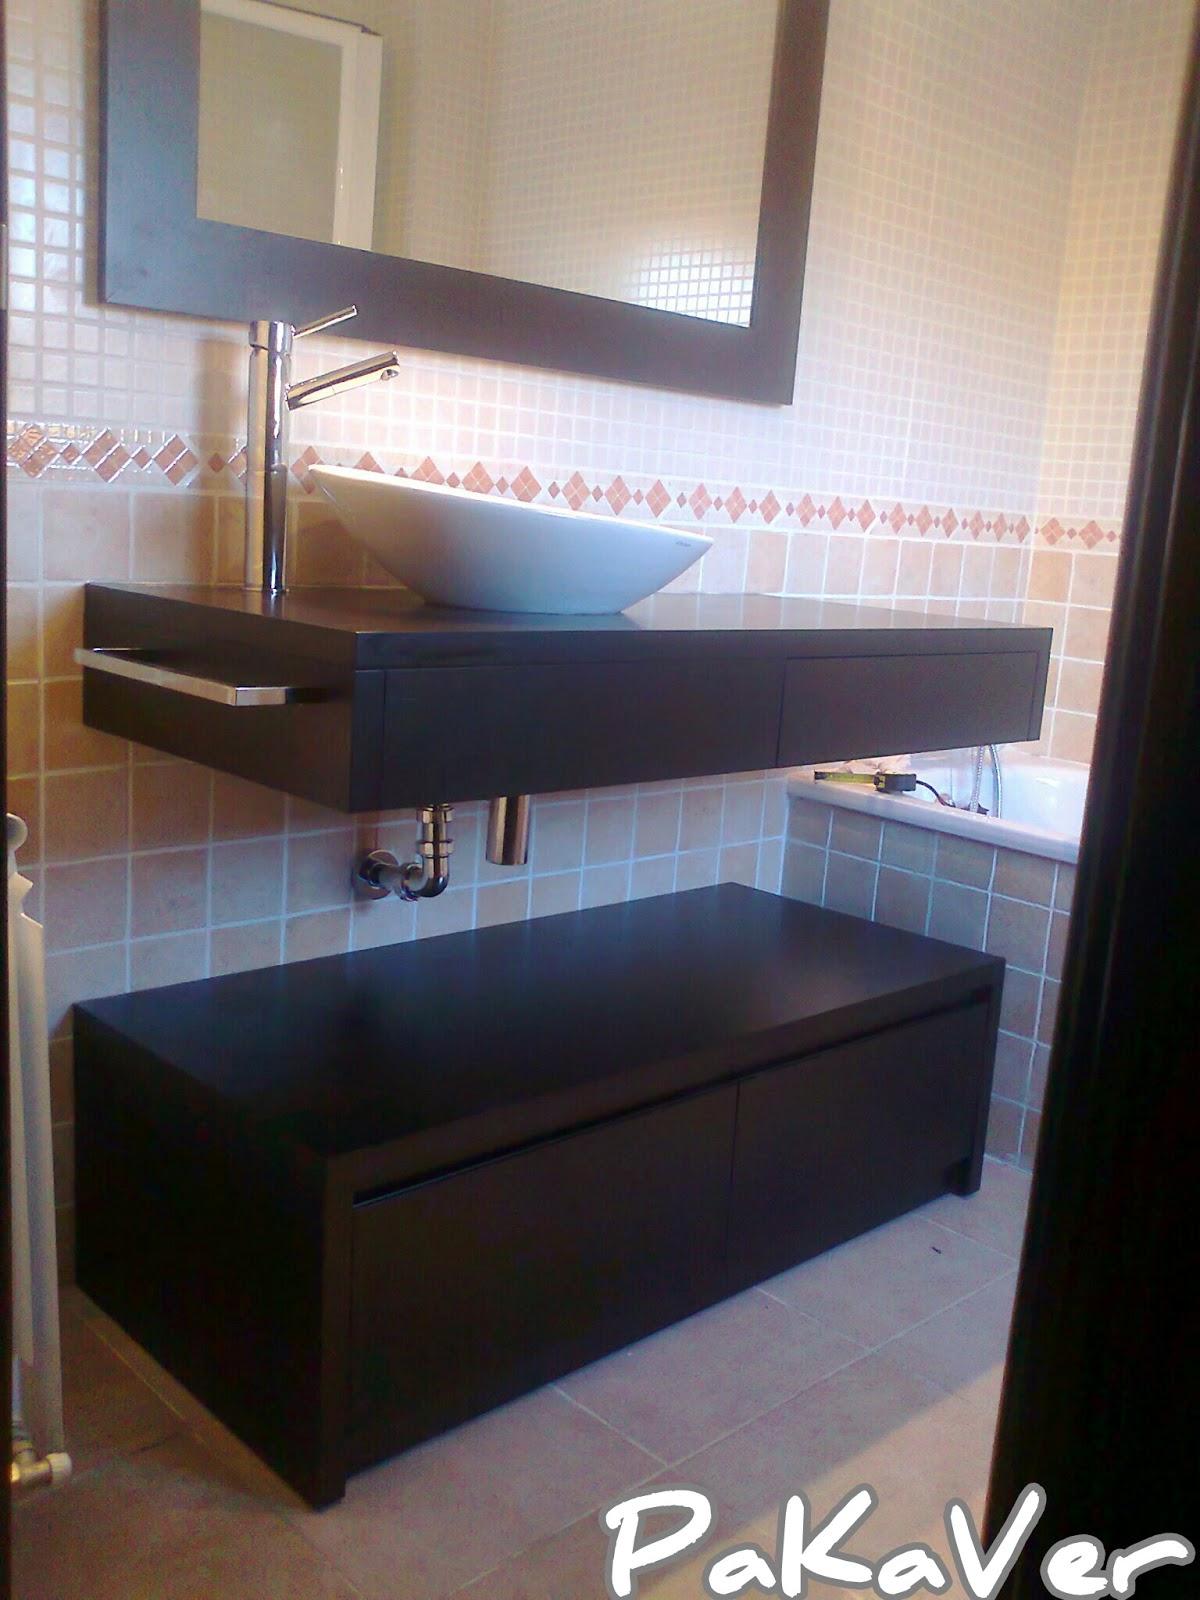 Pakaver como instalar un mueble de ba o - Como hacer mueble de bano ...